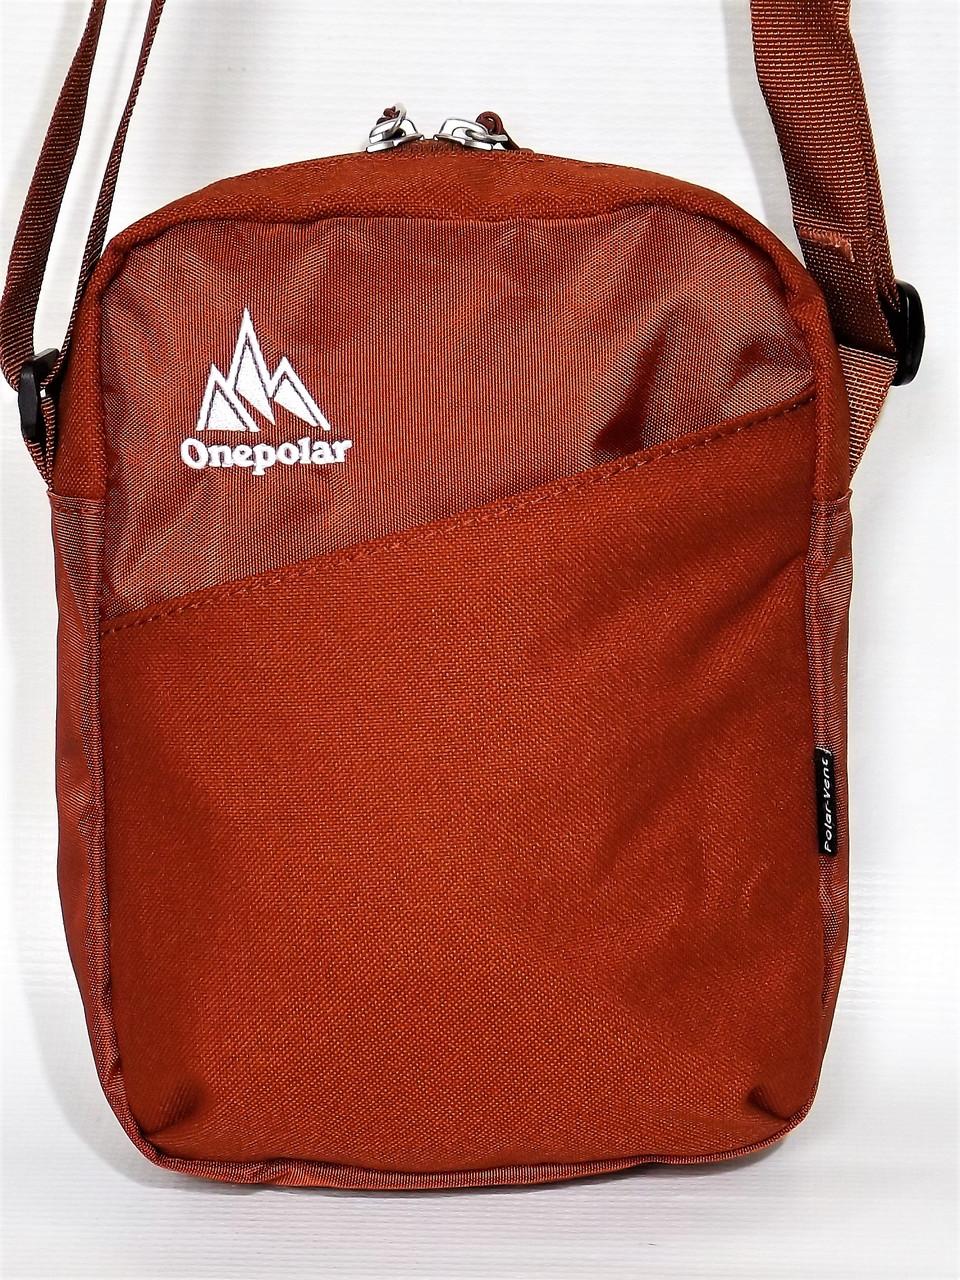 1ee6c0821af3 Красивая спортивная стильная повседневная сумка на плечо One polar 5693  оранжевая - интернет-магазин